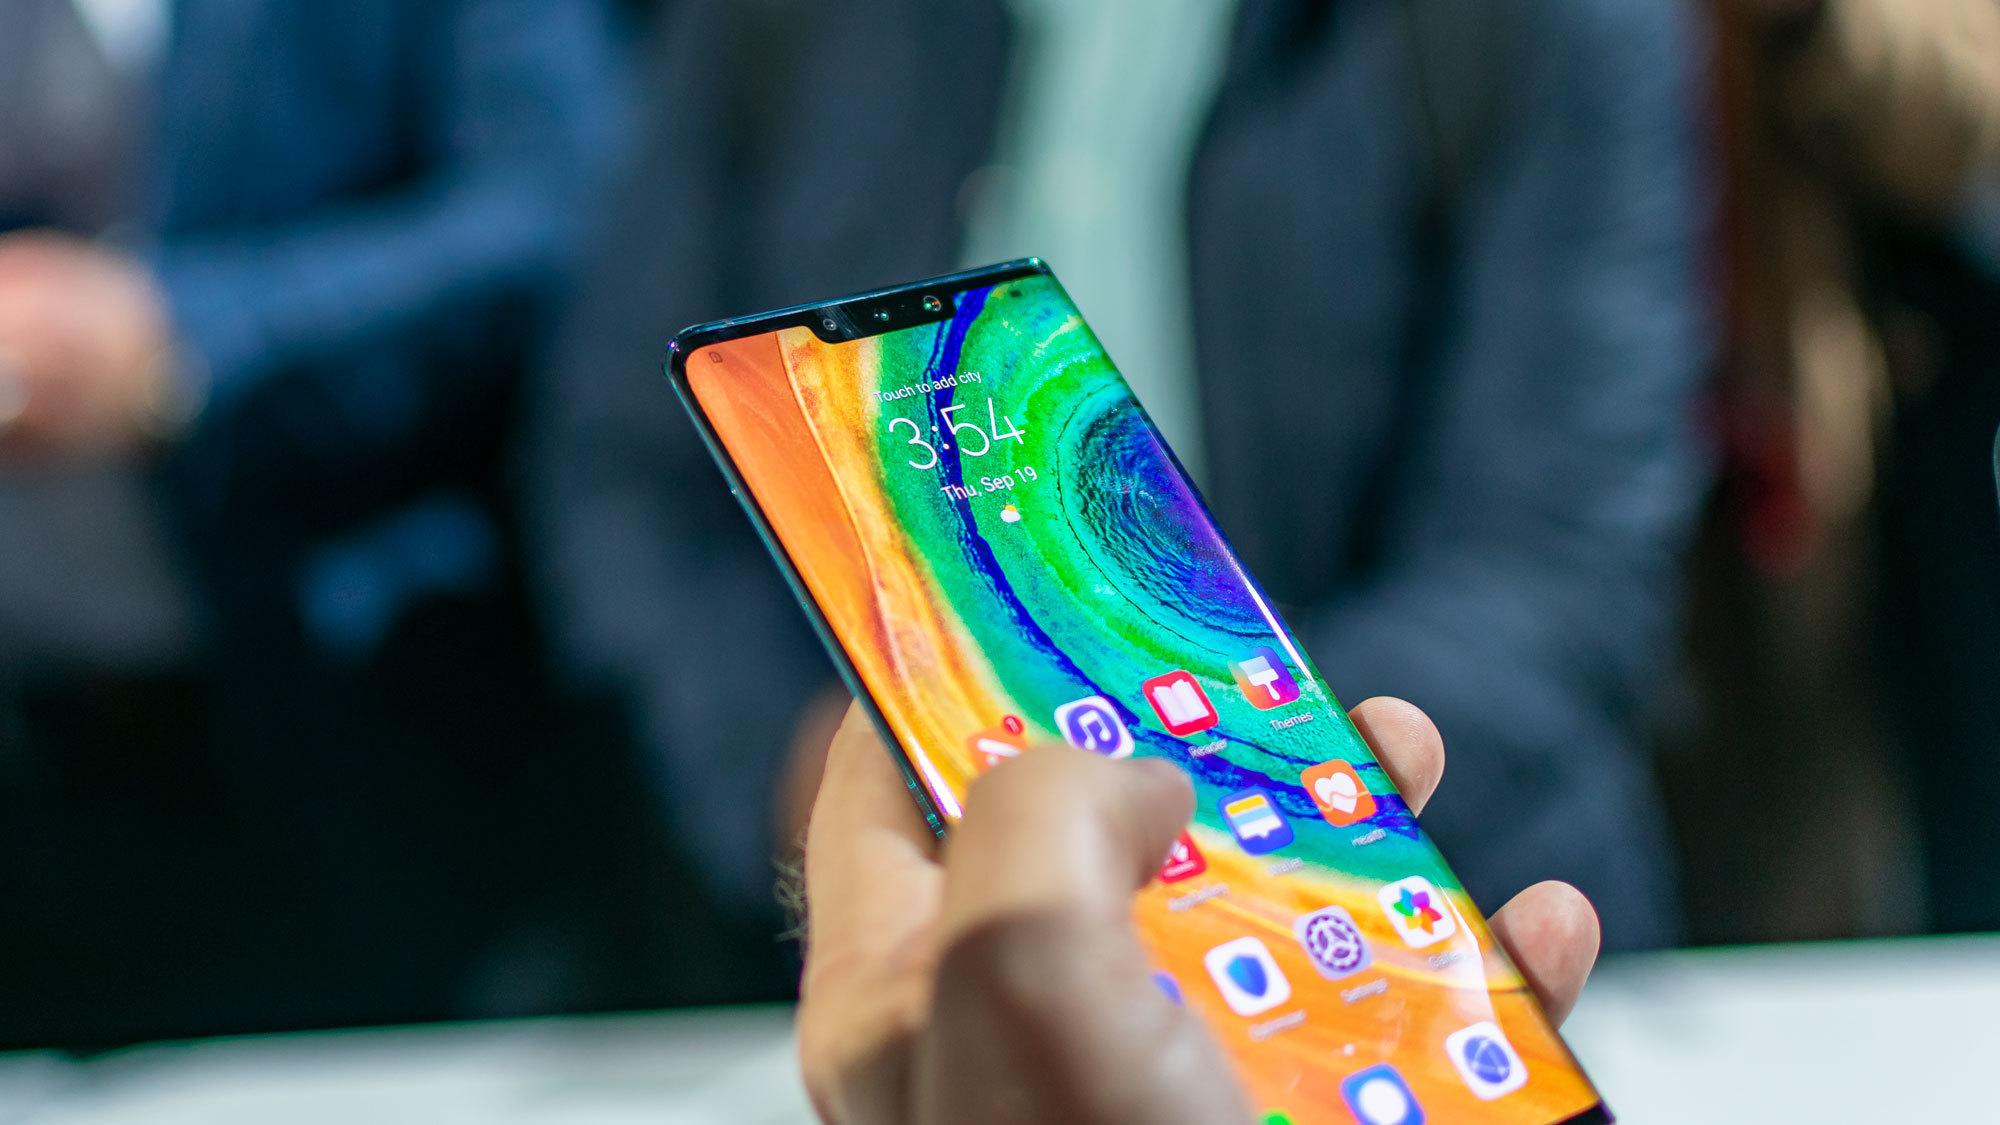 Стало известно, почему новый Huawei Mate 30 лишен недостатков других смартфонов с загнутыми экранами